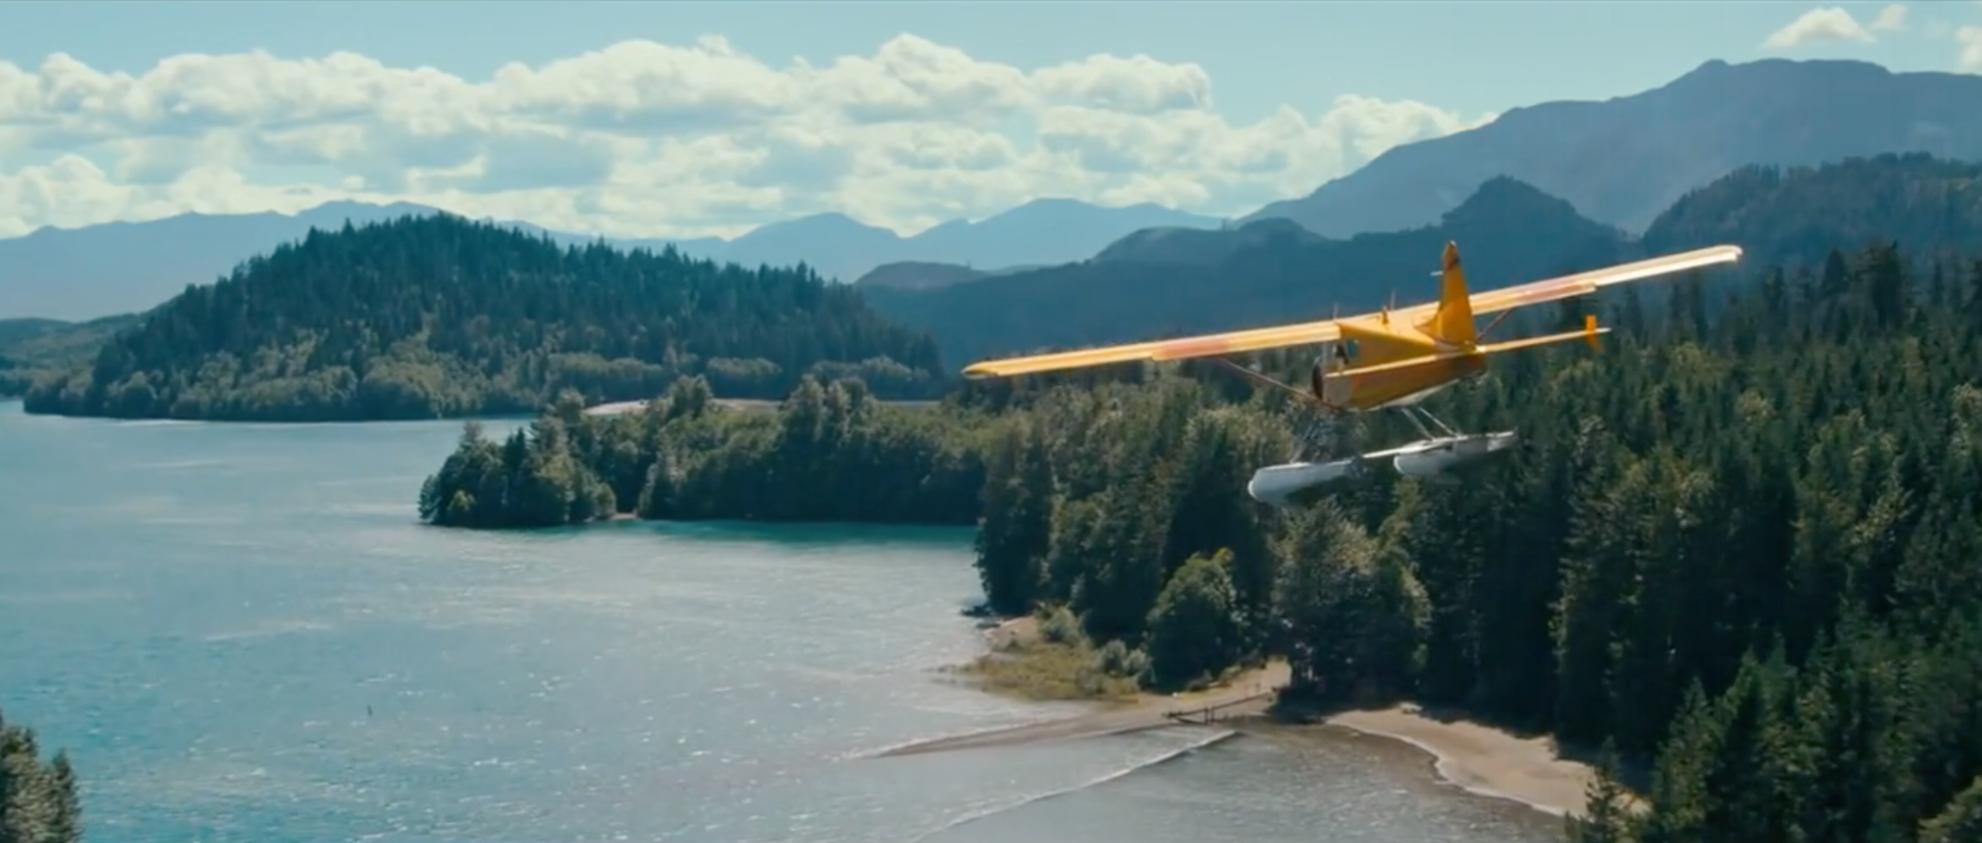 Bentley Bentayga Launch Film - The Landing   ©BENTLEY MOTORS LTD